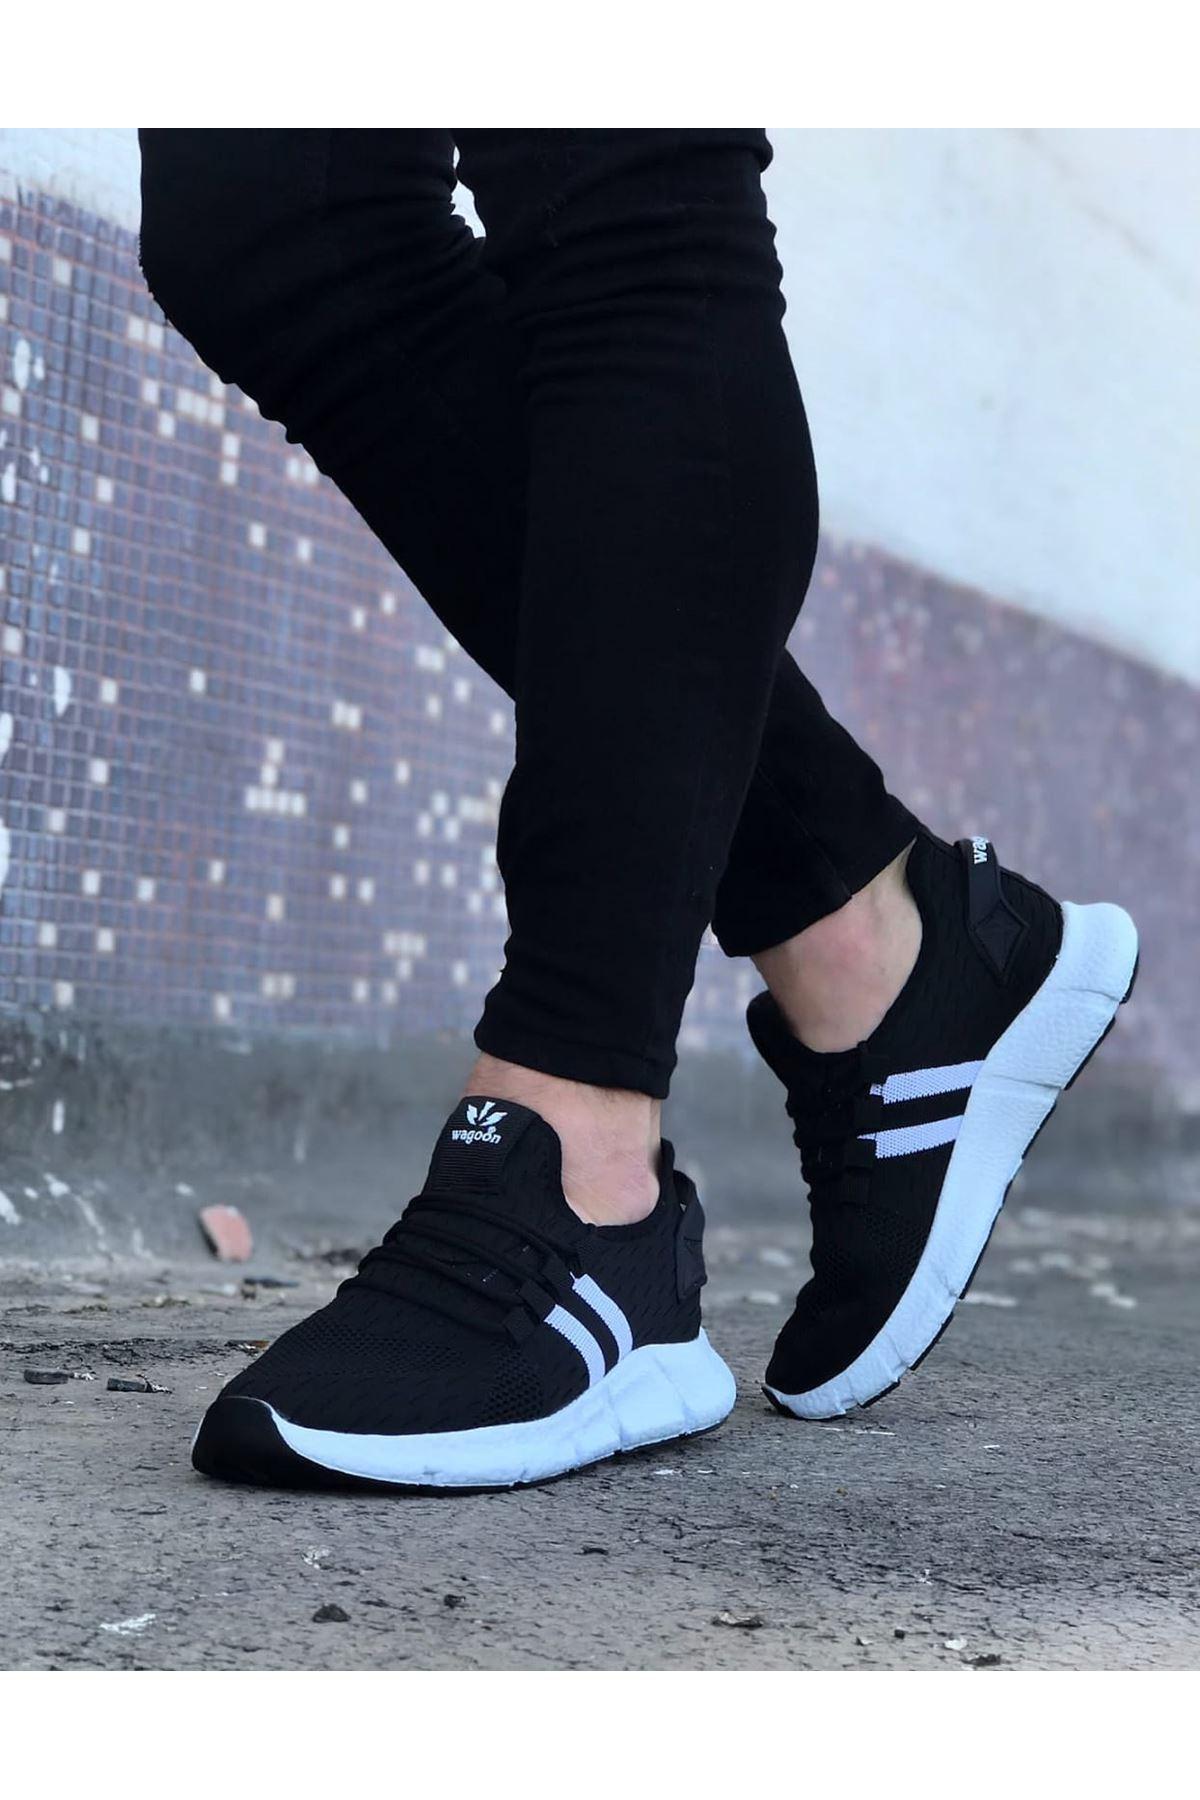 Wagoon WG102 Siyah Erkek Spor Ayakkabı